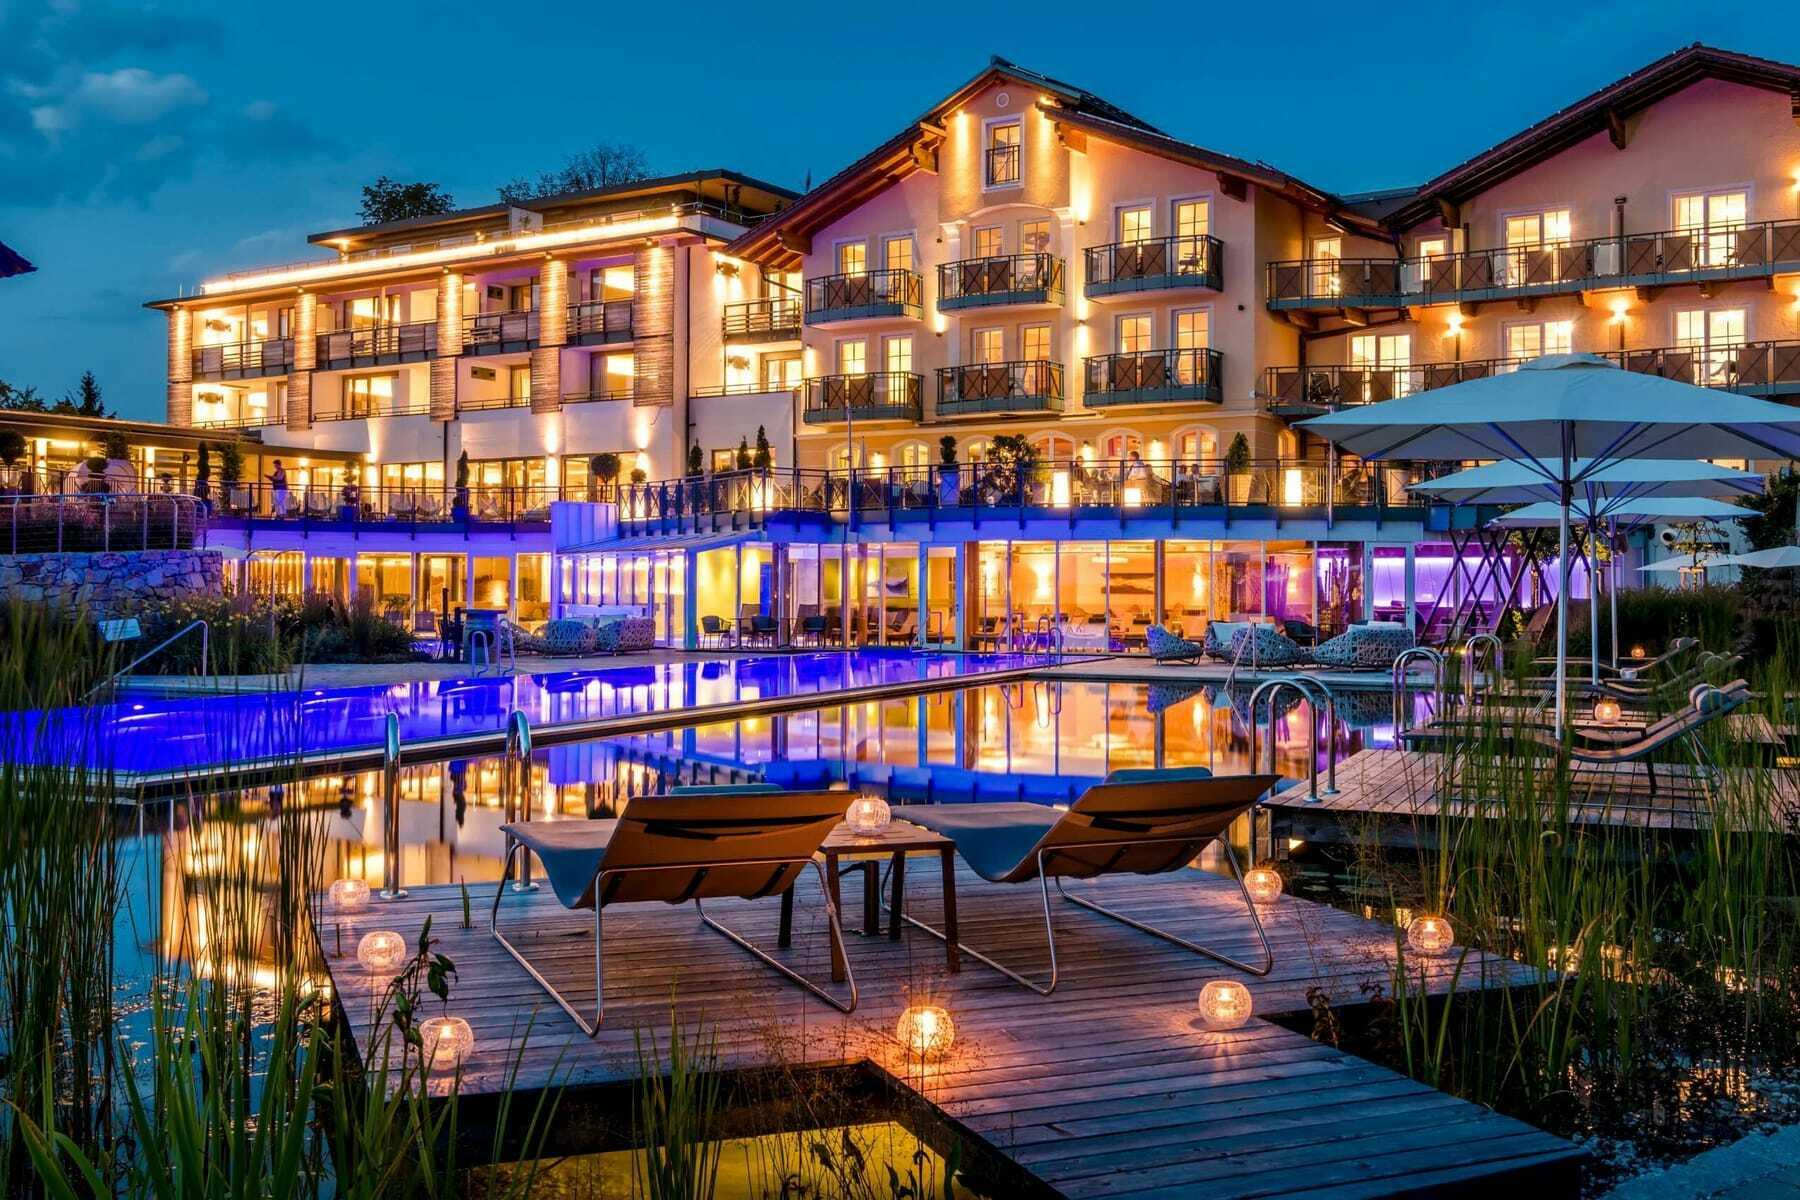 Hotelansicht am Abend mit Lichtern